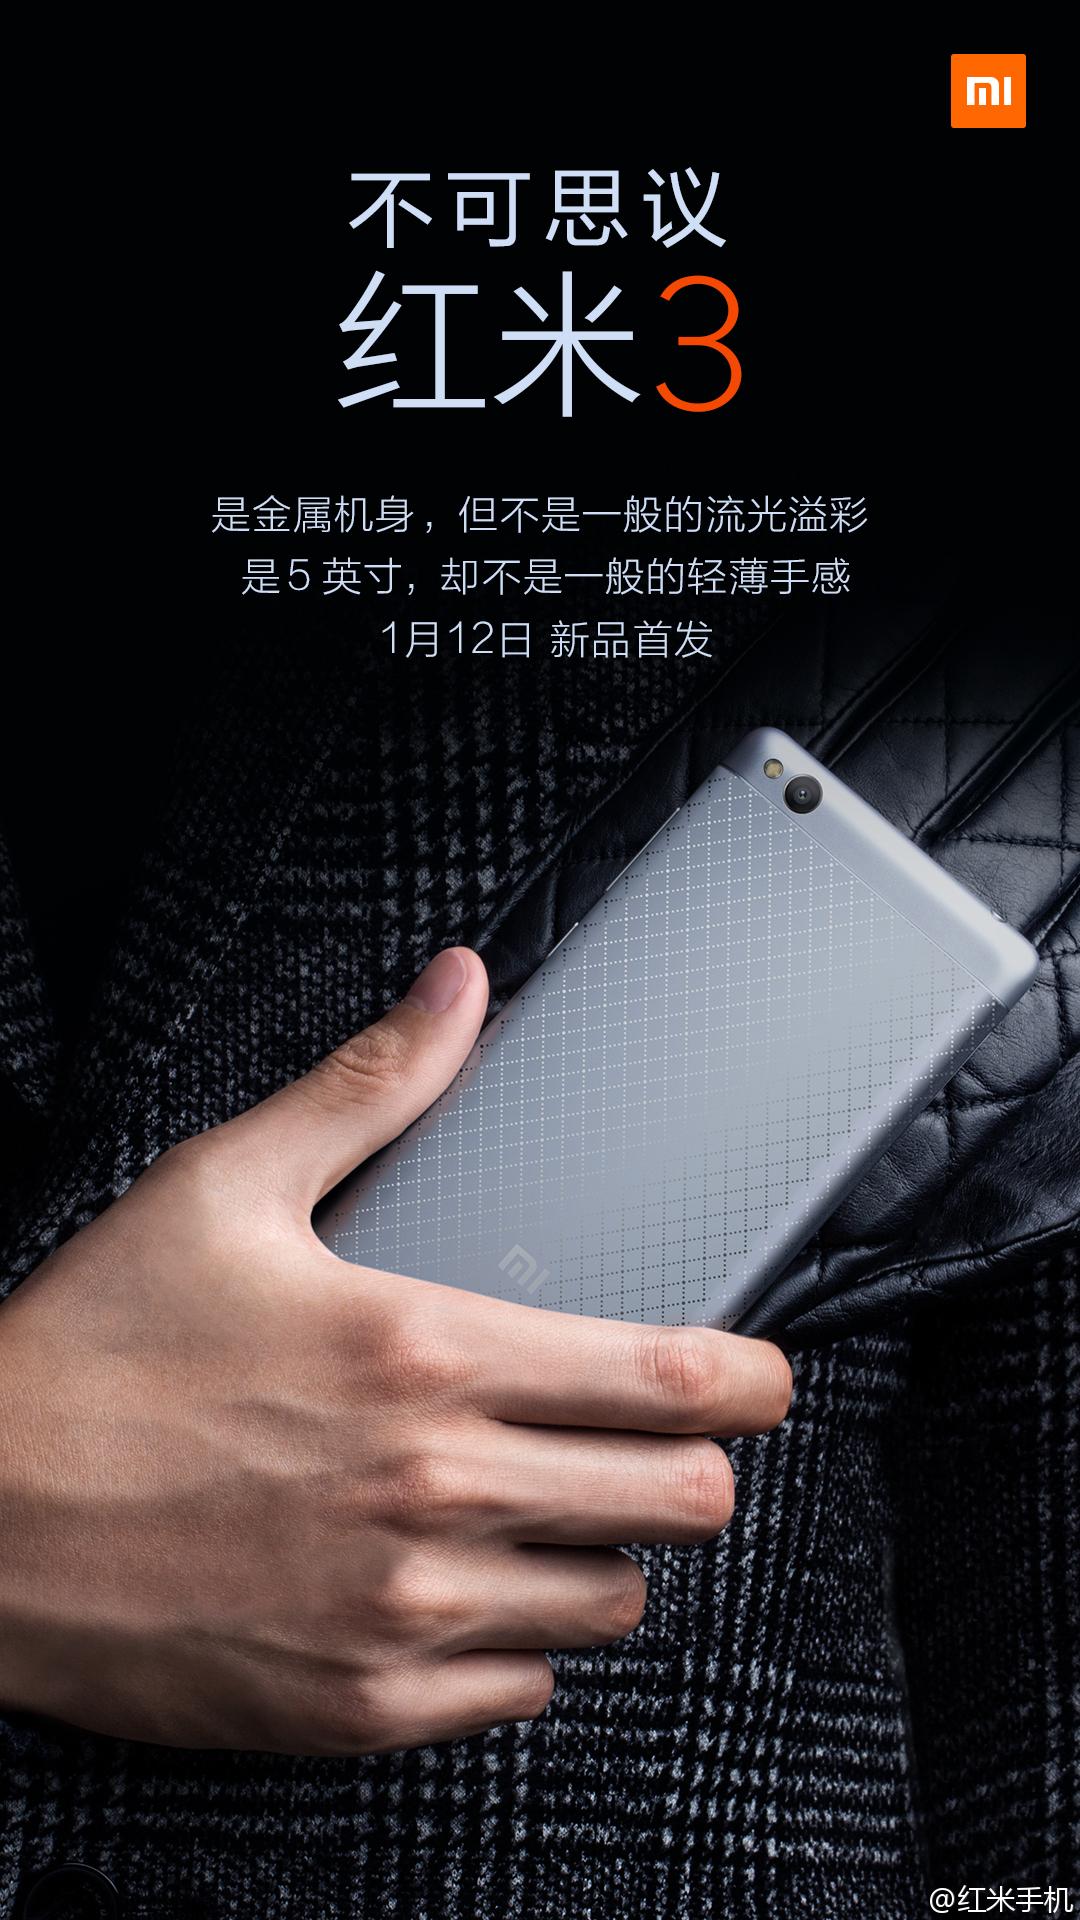 Xiaomi ra mắt Redmi 3: Cấu hình tốt, pin khủng, giá siêu hấp dẫn